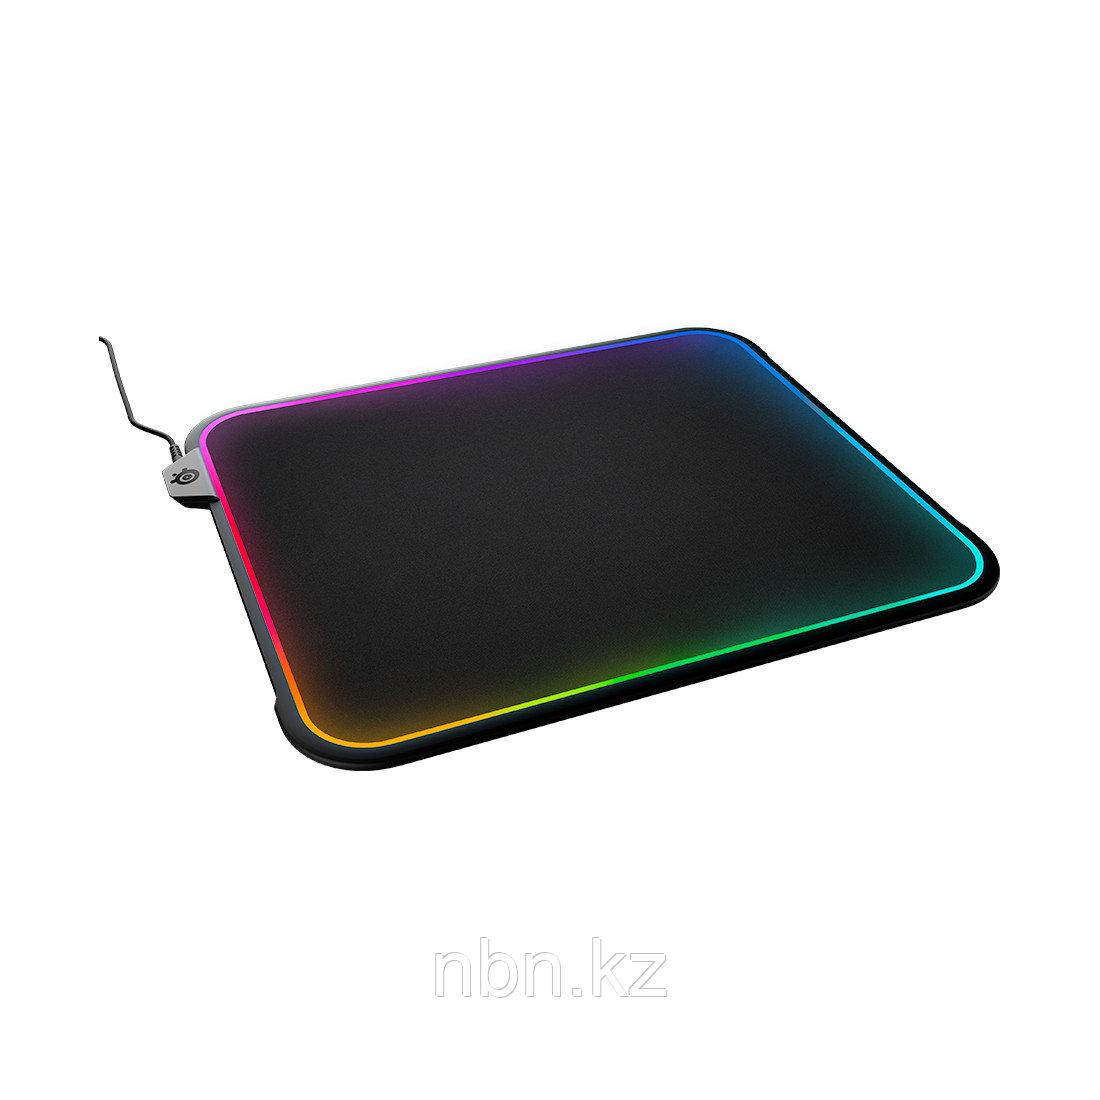 Коврик для компьютерной мыши Steelseries QCK PRISM